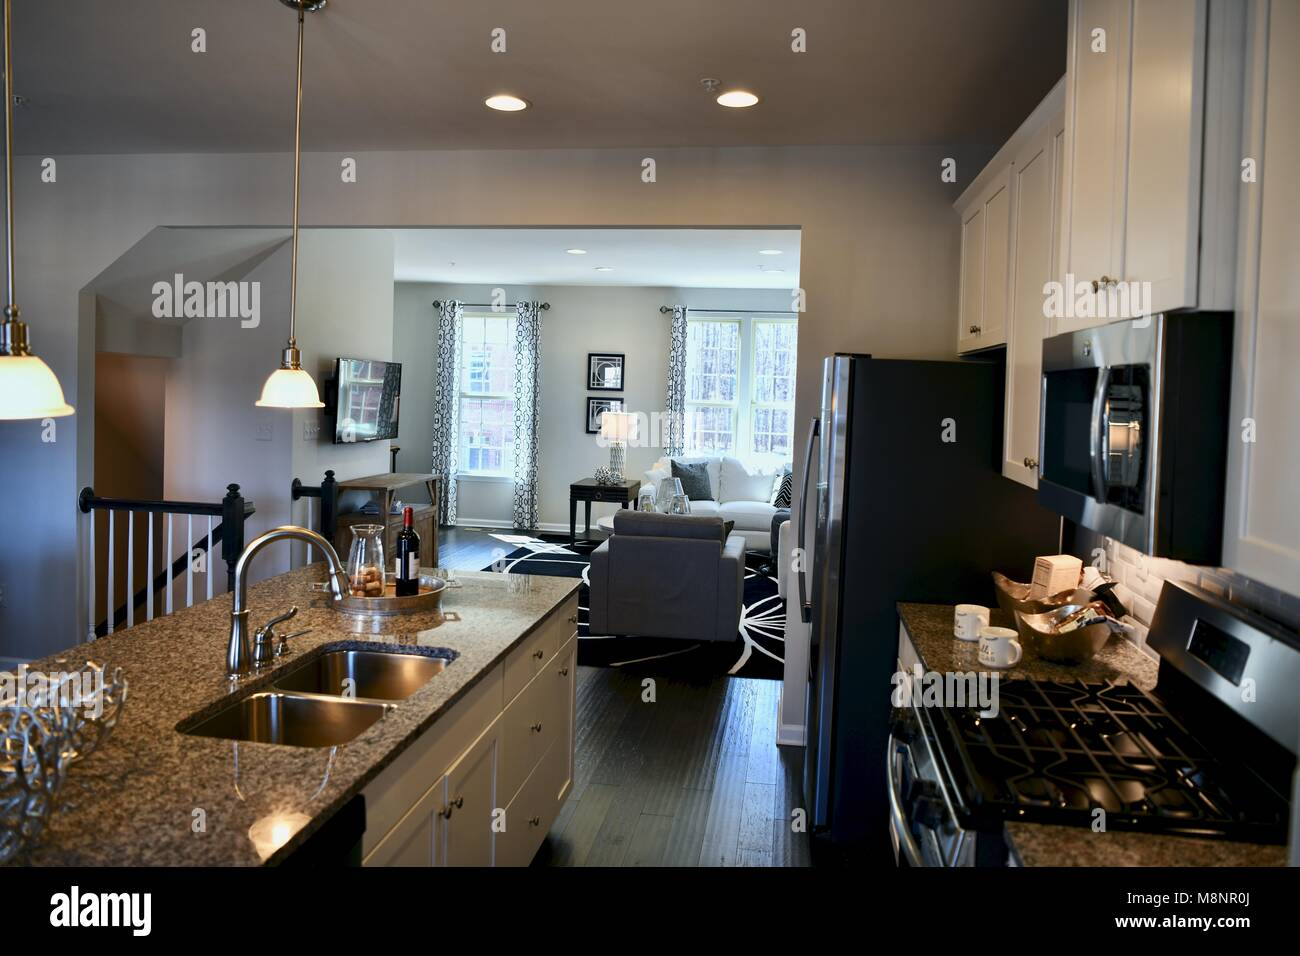 Wohnzimmer Neben Der Kuche Stockfotos Wohnzimmer Neben Der Kuche